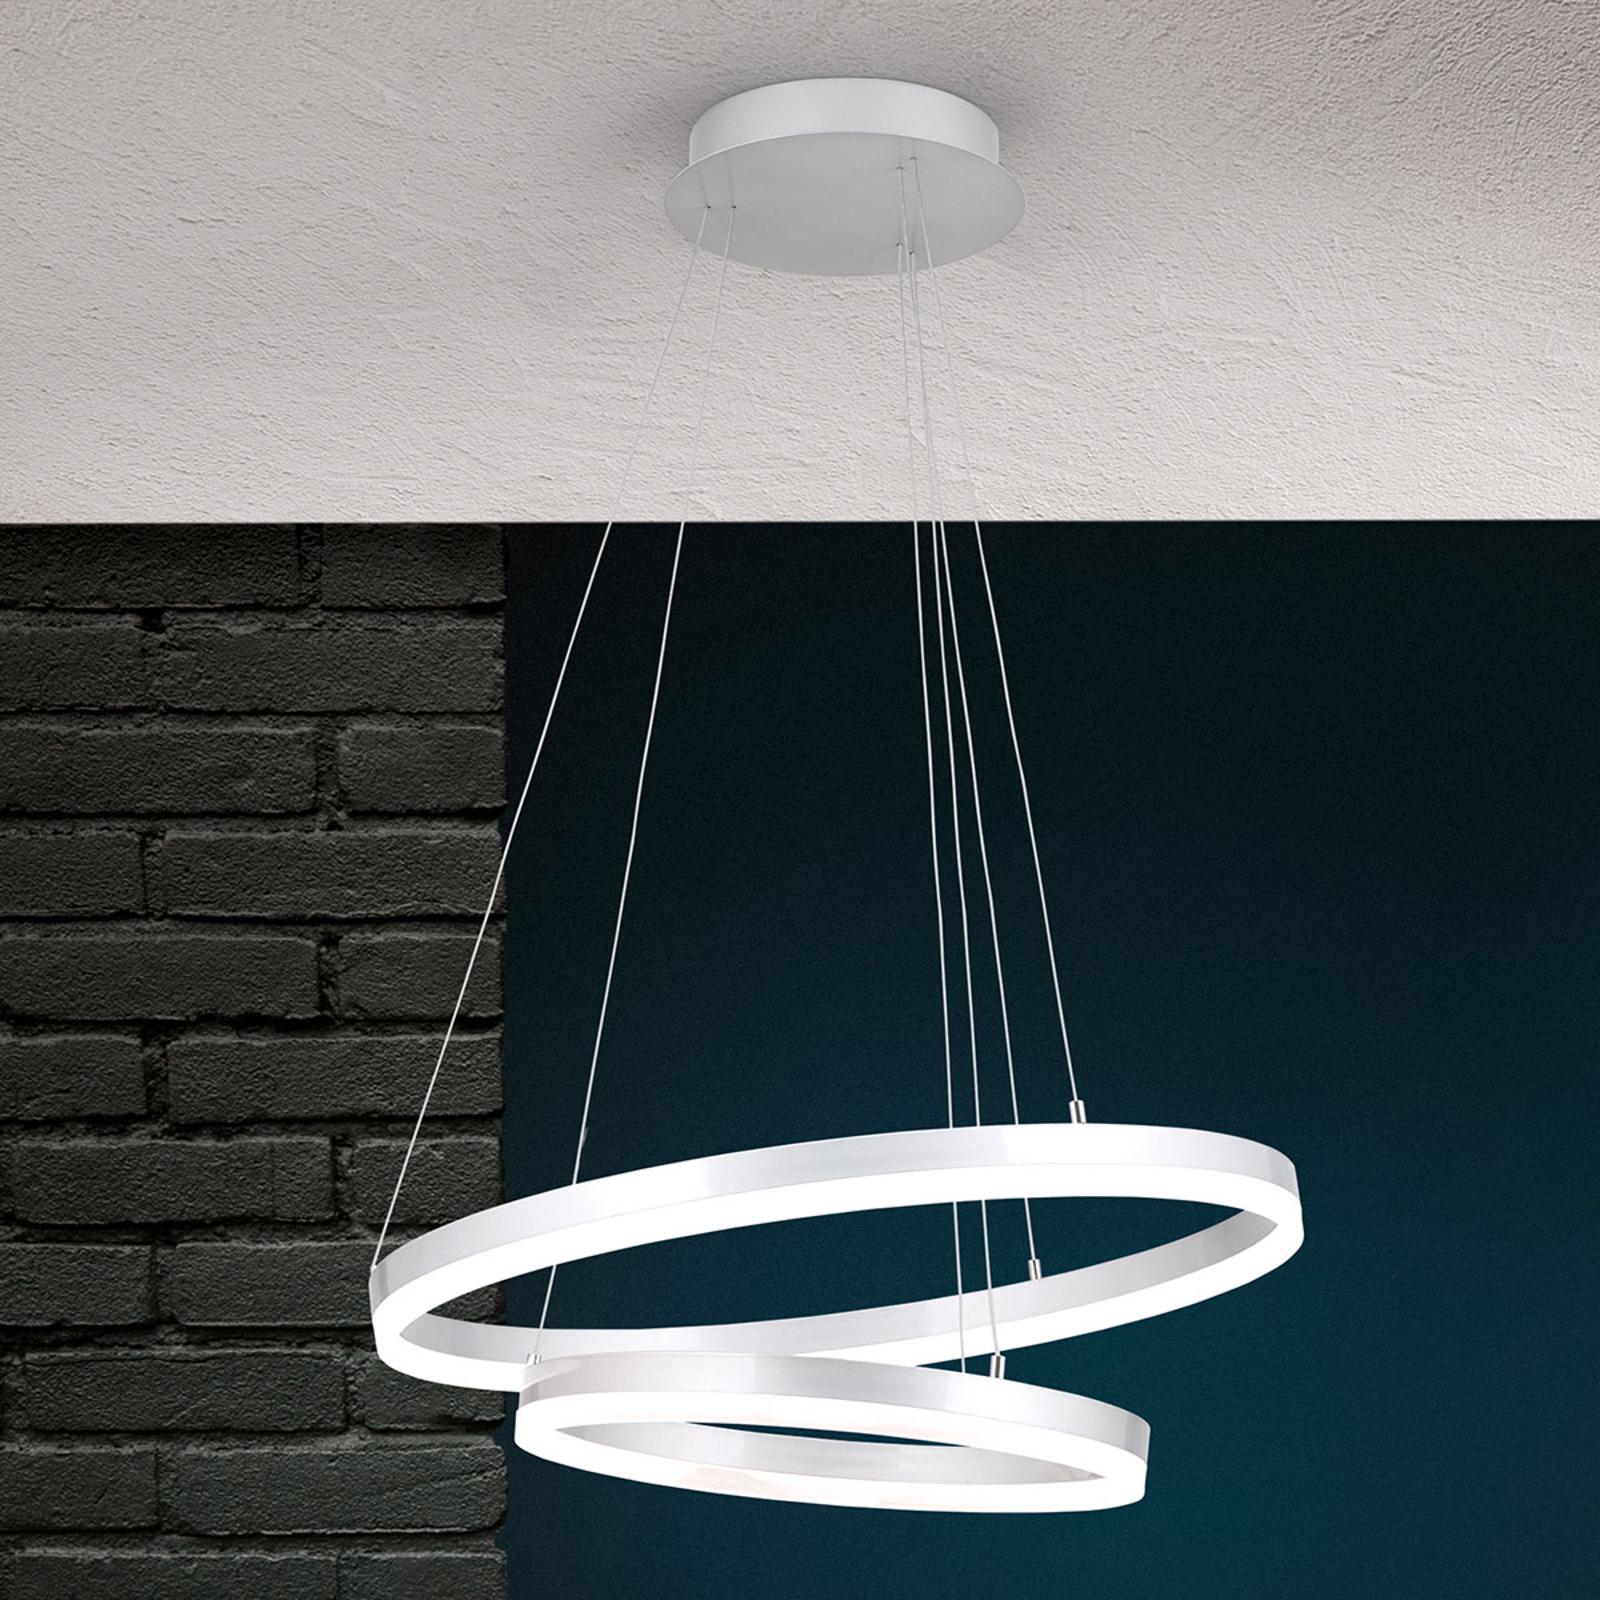 Nowocześnie zaprojektowana lampa wisząca LED Float